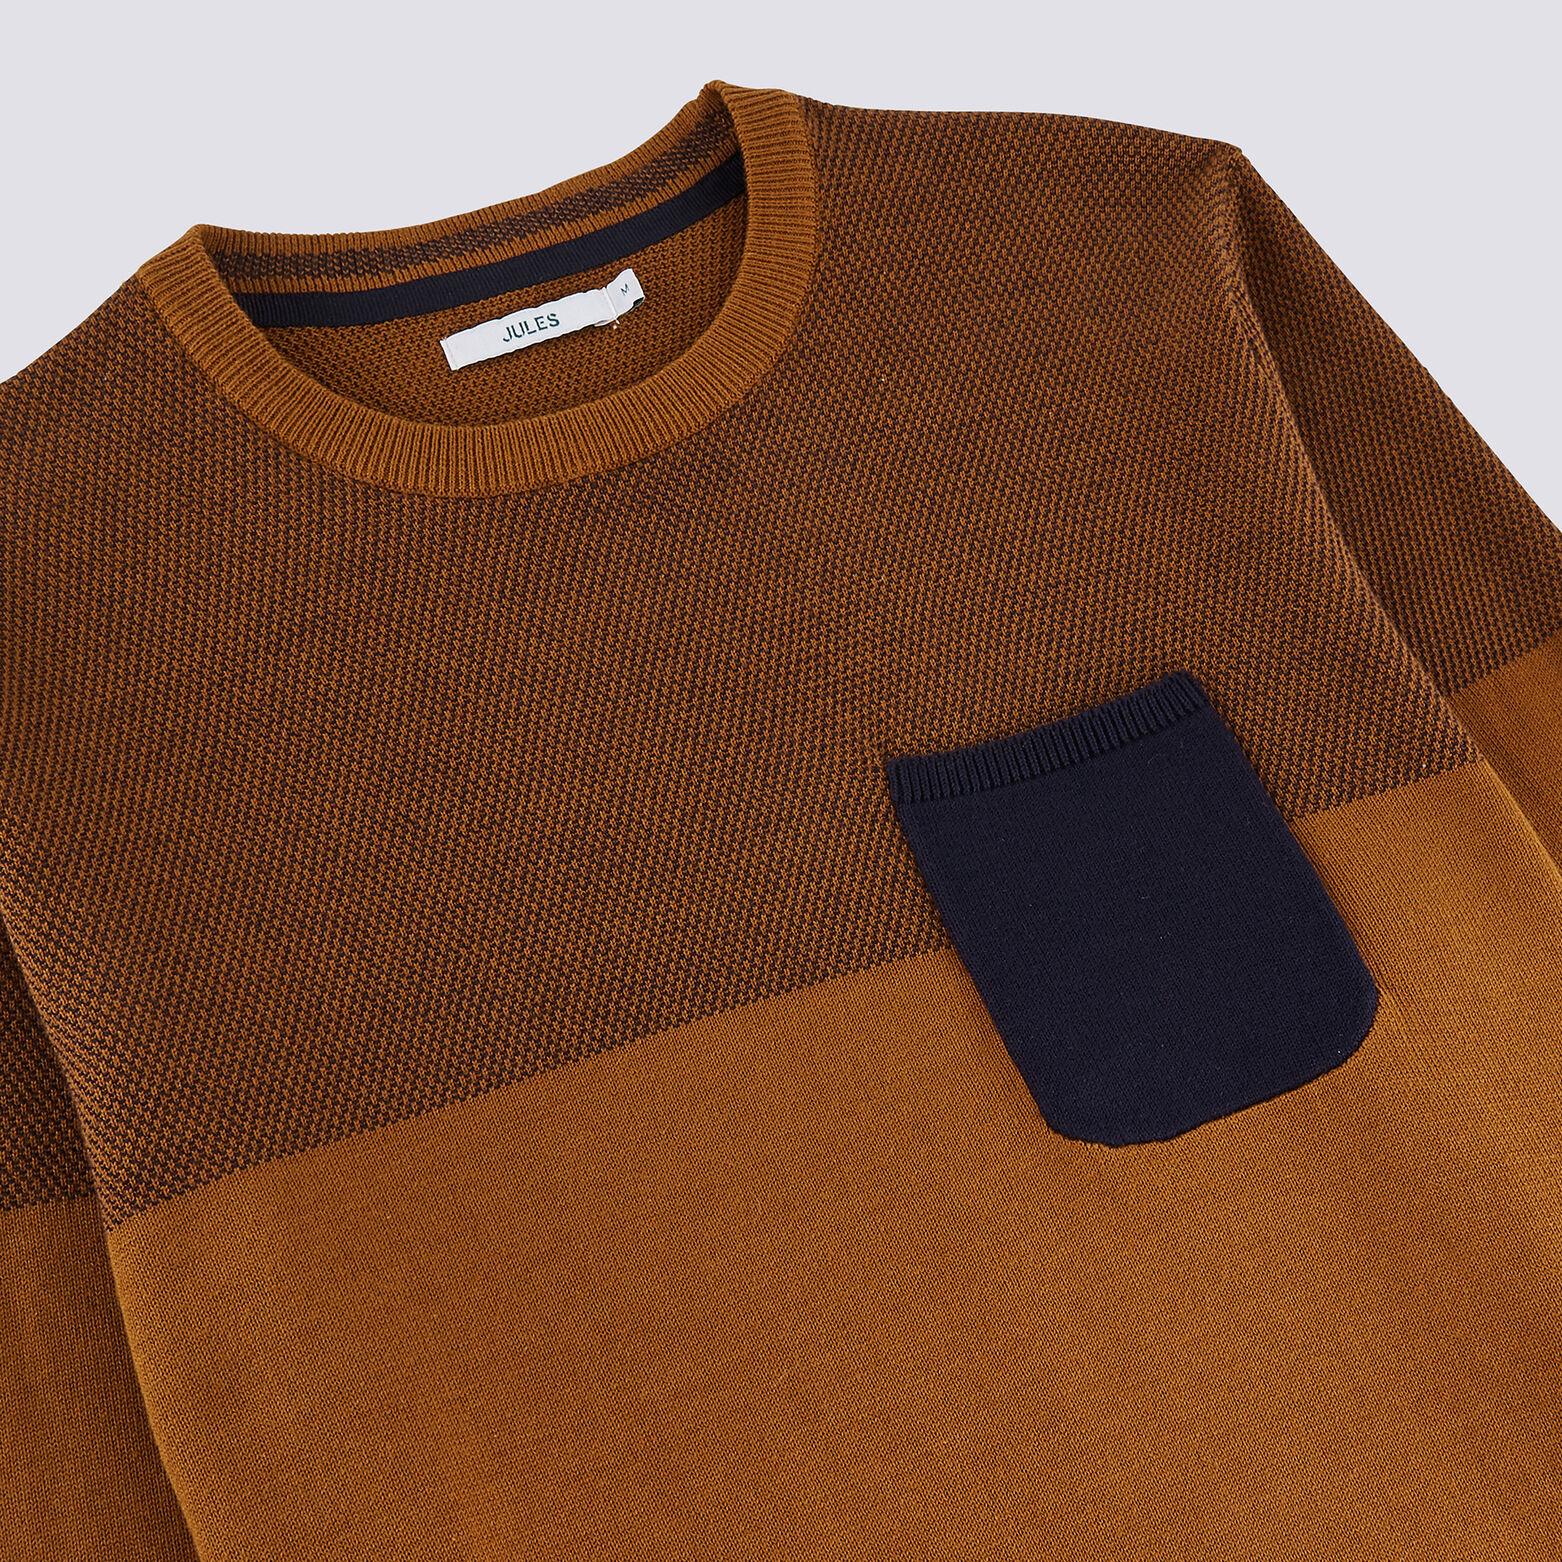 Pull colorblock avec poche poitrine